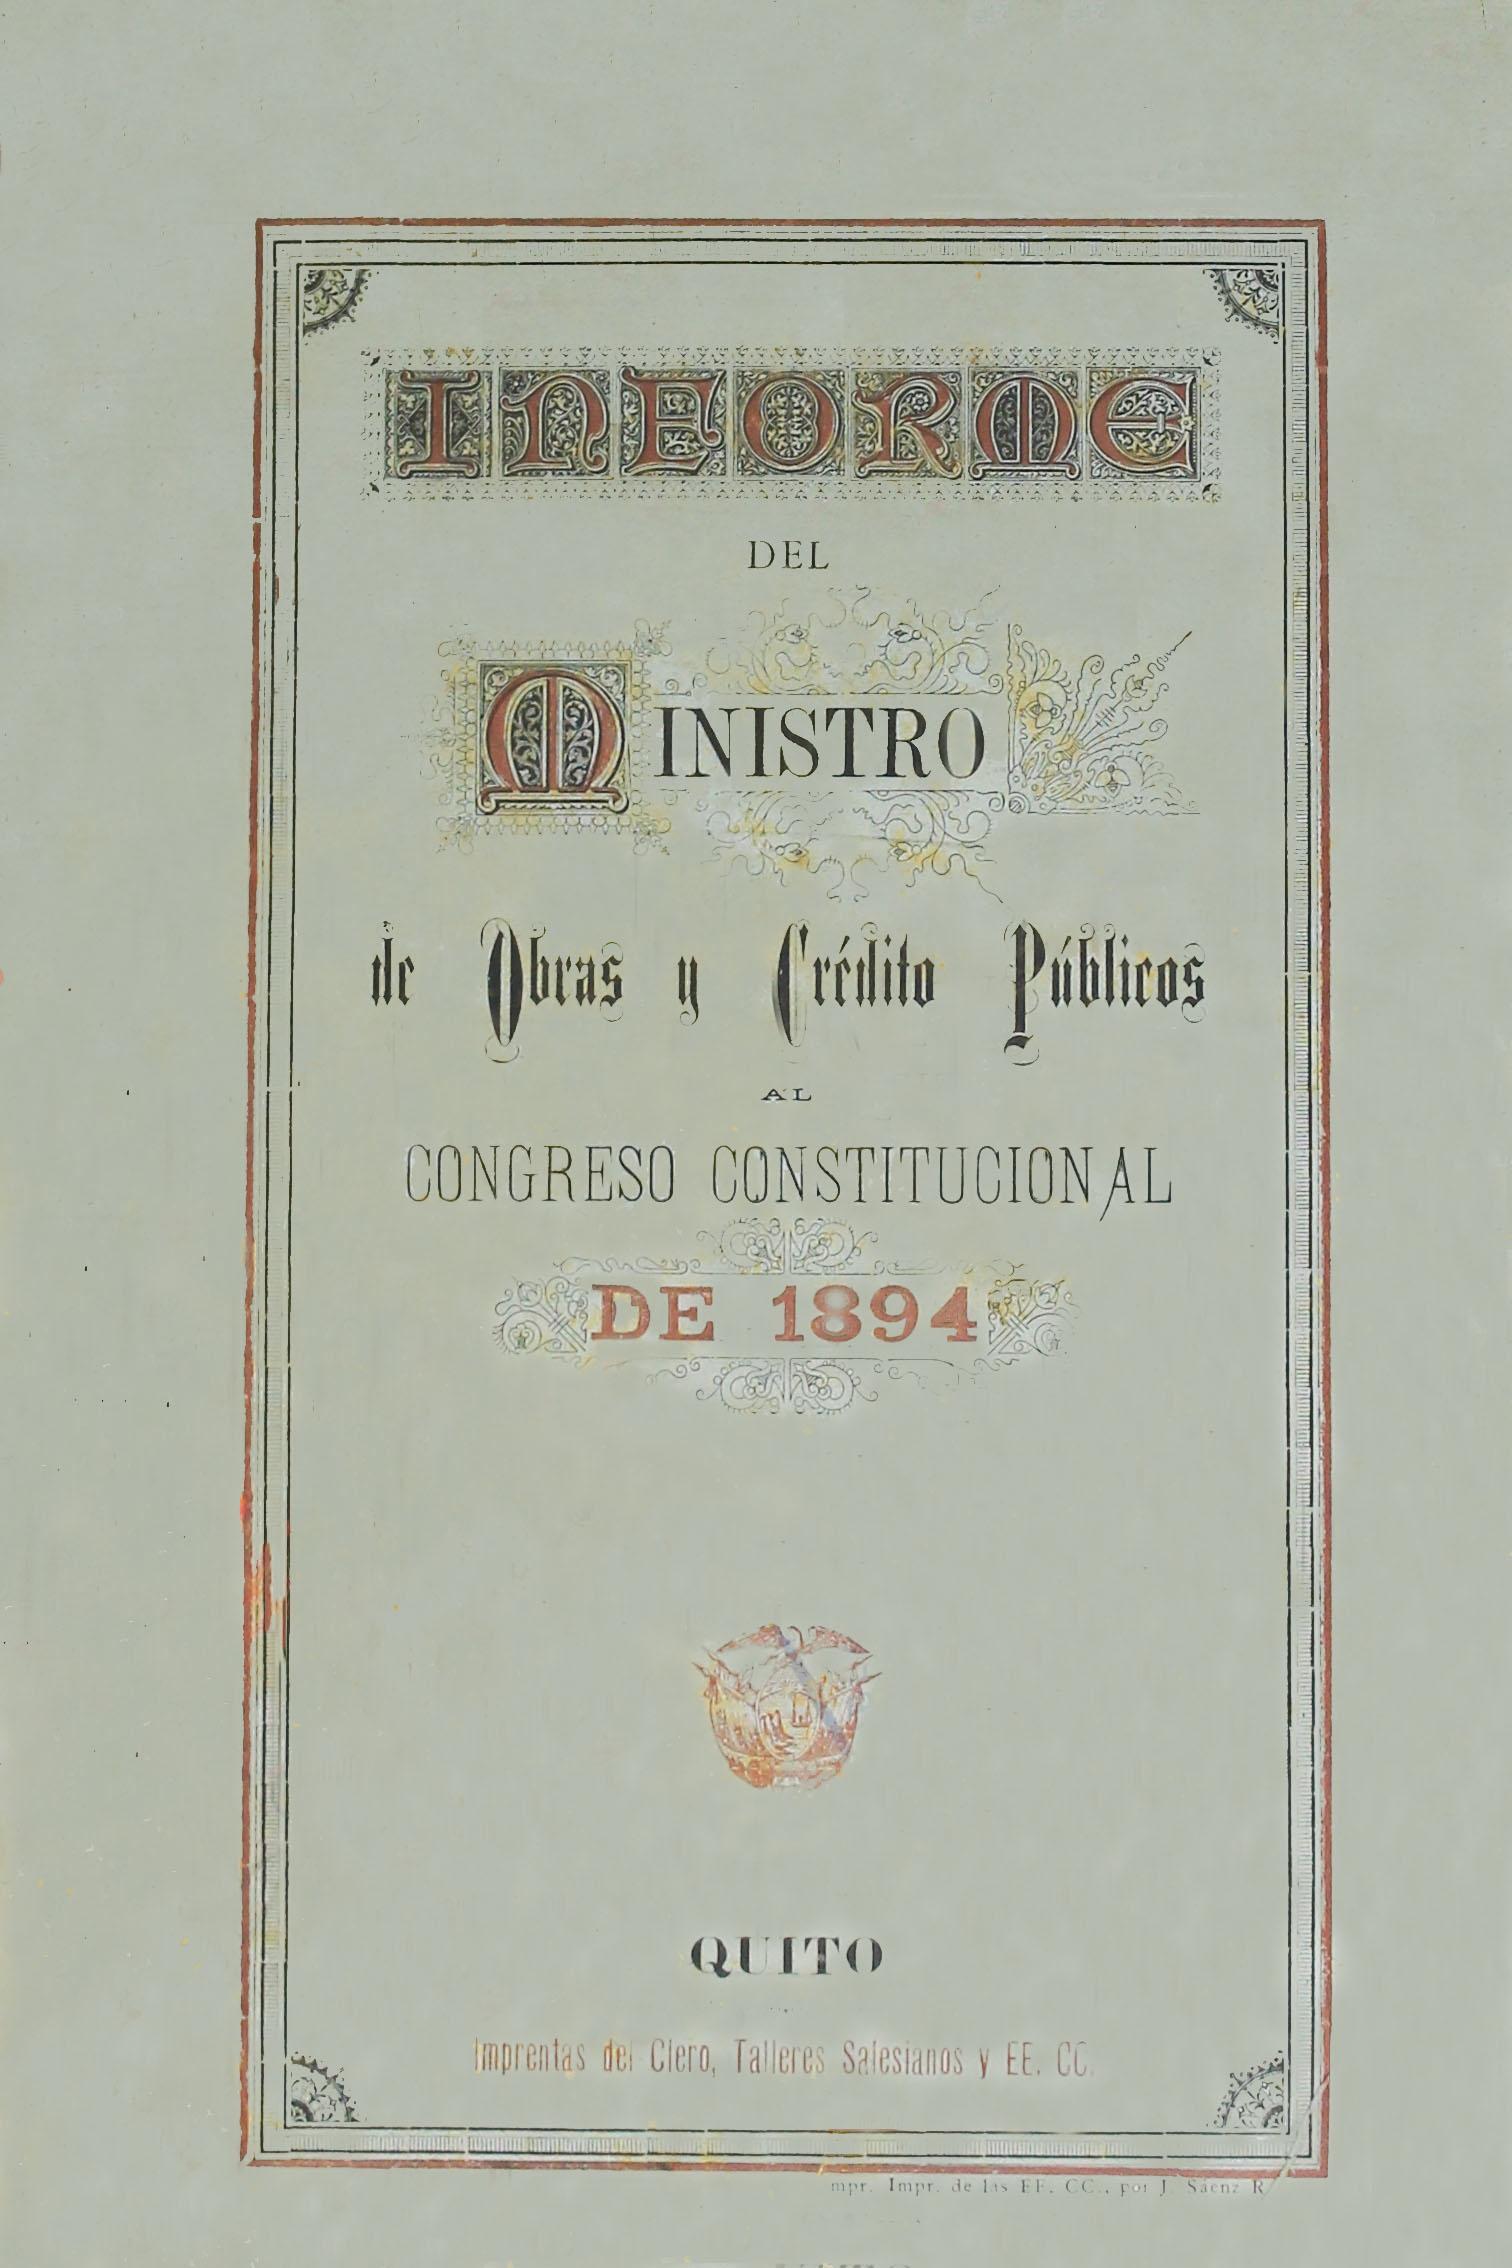 Informe del Ministro de Obras y Crédito Públicos al Congreso Constitucional de 1894